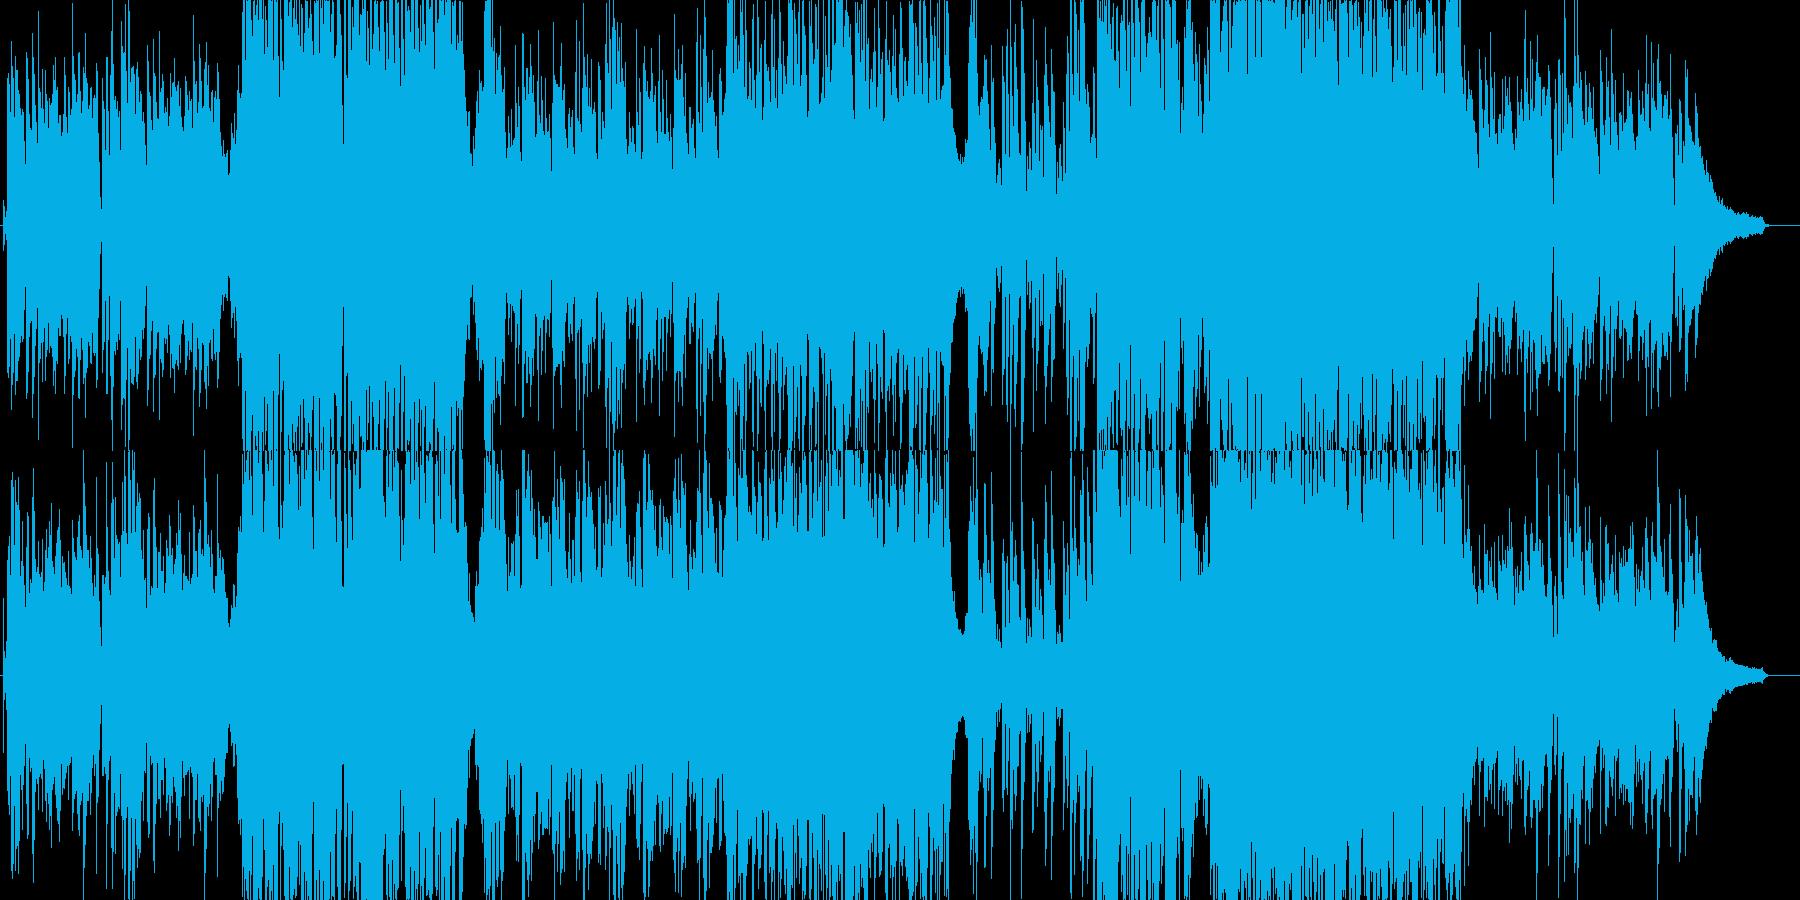 アップテンポのJazzyな楽曲の再生済みの波形